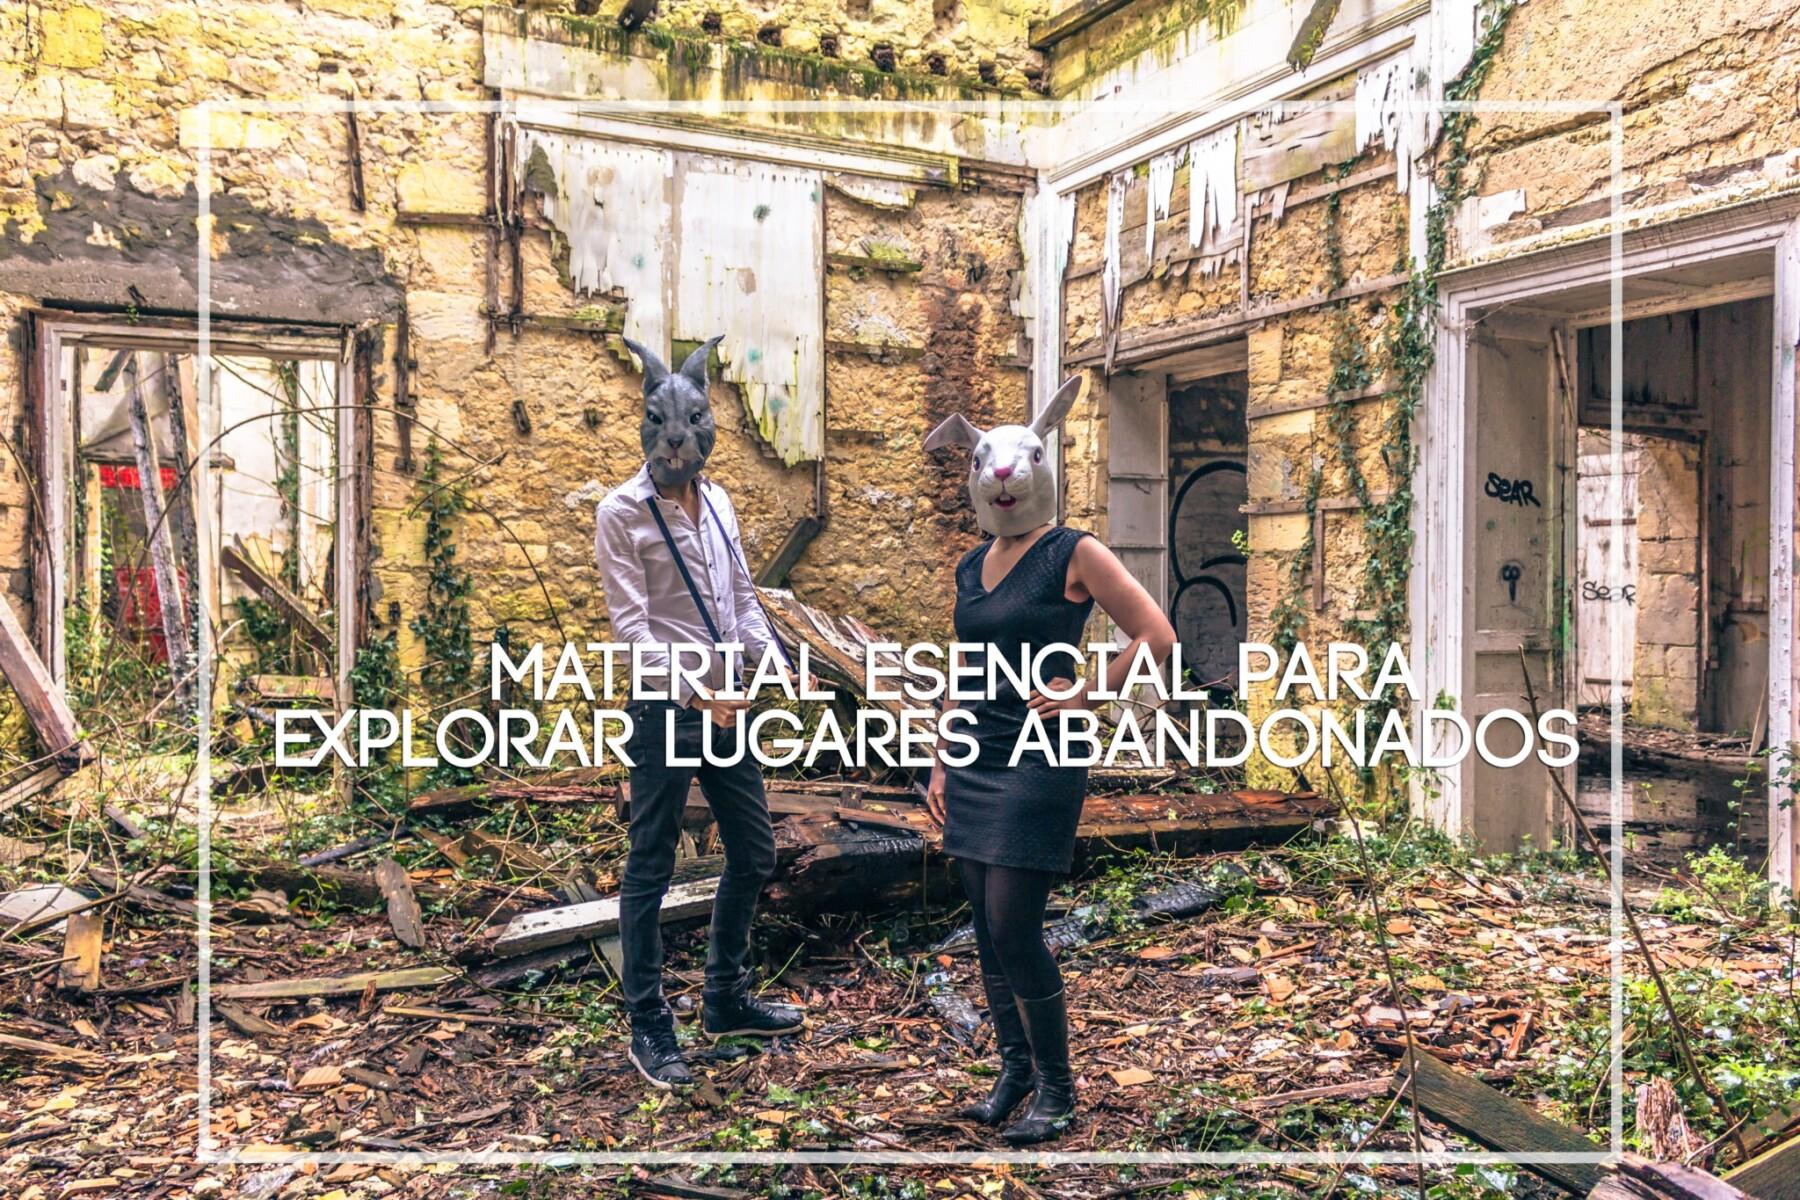 Material esencial para explorar lugares abandonados